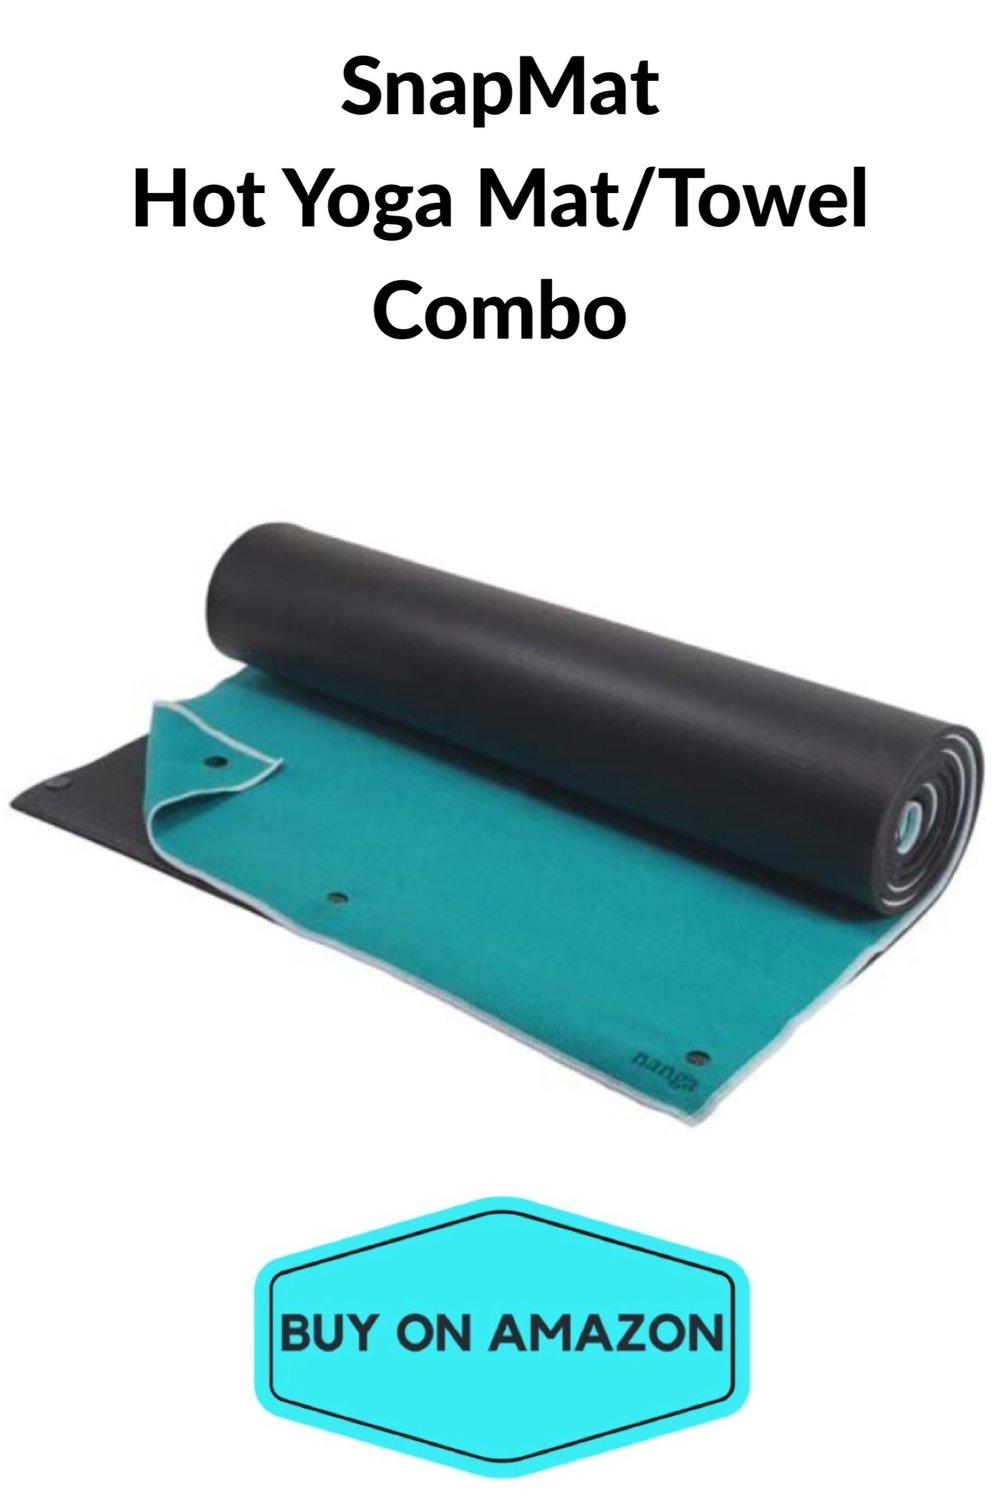 SnapMat Hot Yoga Mat/Towel Combo